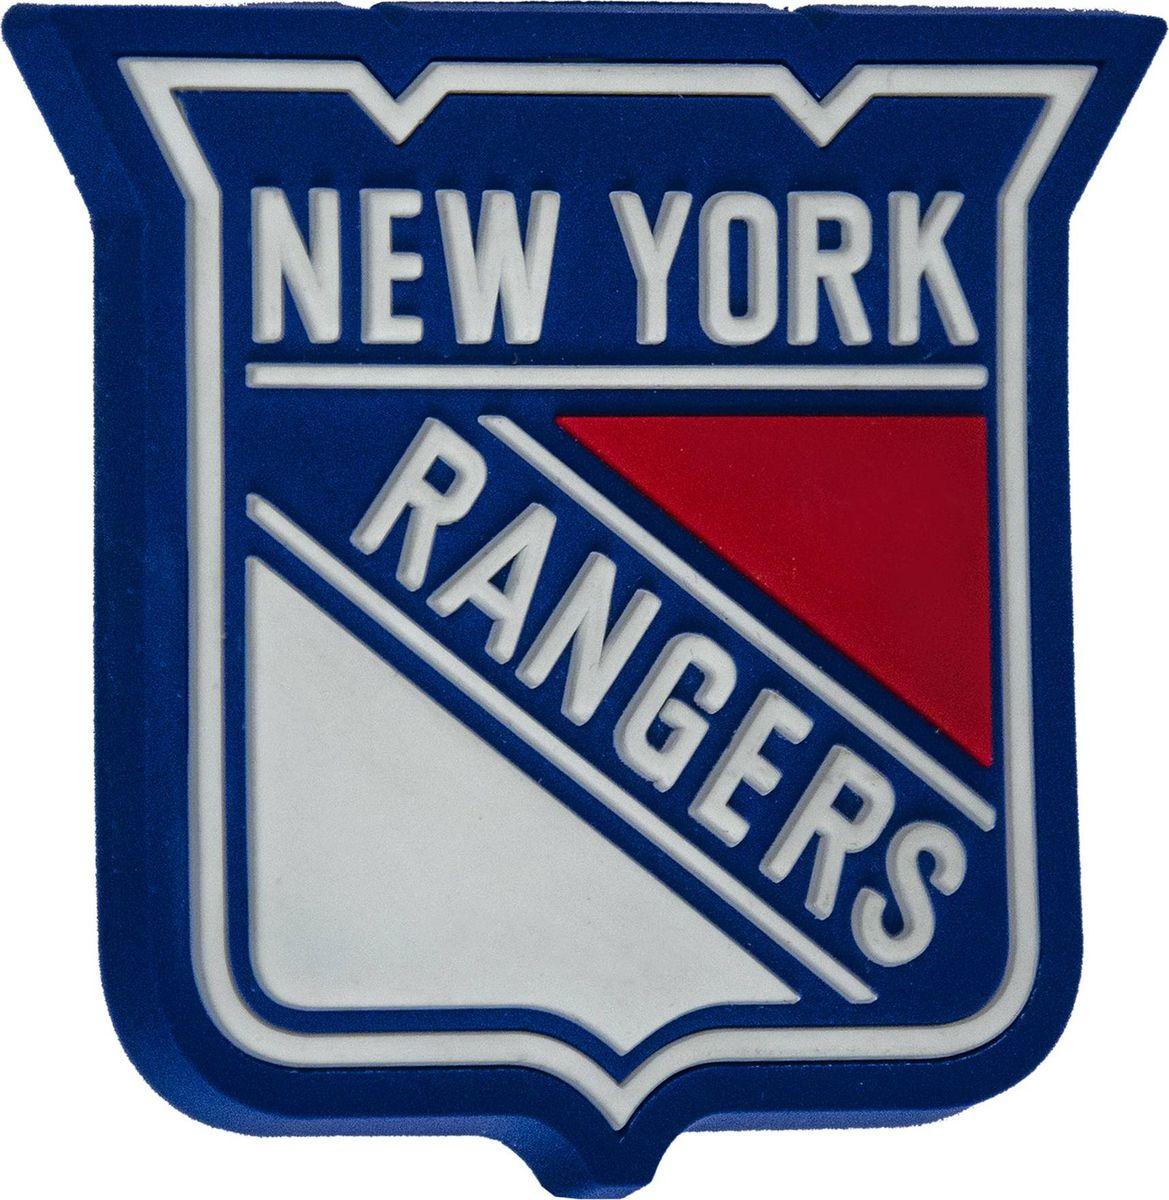 Магнит Atributika & Club New York Rangers, цвет: синий, красный. 56005200170Магнит Atributika & Club выполнен из полимерного материалав виде символики вашего любимого клуба.Длина: 8 см.